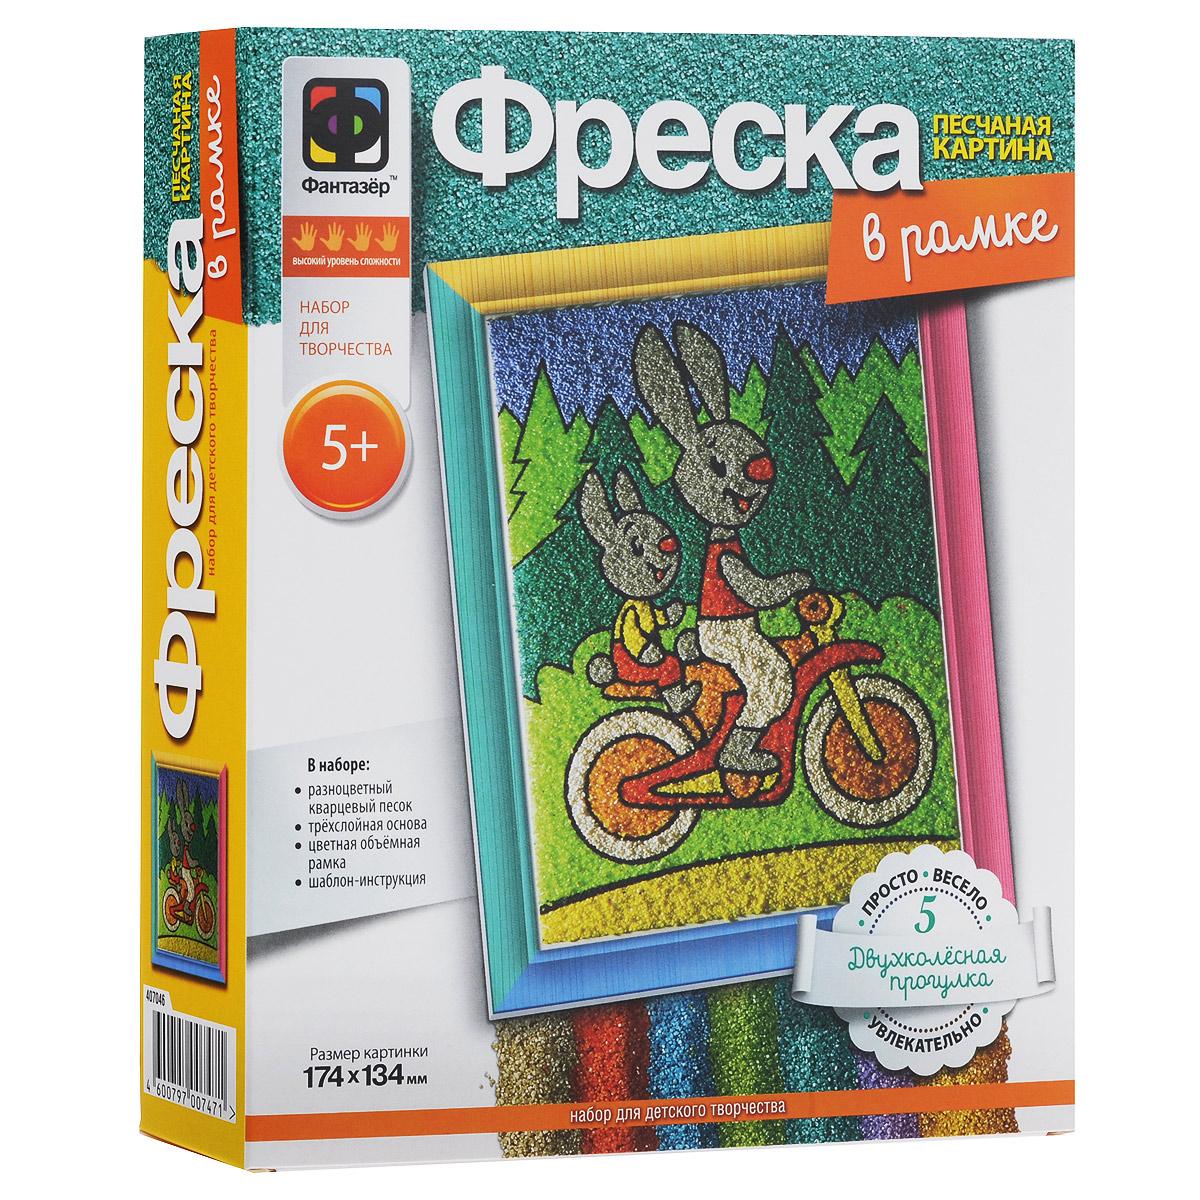 Набор для создания фрески Фантазер Двухколесная прогулка407046С набором для создания фрески Фантазер Двухколесная прогулка ваш ребенок сможет изготовить удивительную картину из цветного песка! В набор входят: кварцевый песок 9 цветов (зеленый, светло-зеленый, желтый, оранжевый, красный, черный, белый, серый, синий), специальная трехслойная основа, заготовка рамки, шаблон. Малыш без труда создаст необычную песчаную картину, которая будет отличным украшением комнаты или кабинета и объектом гордости вашего ребенка. Процесс создания картины из песка прост и увлекателен - достаточно отклеить защитный слой с каждого элемента и засыпать его песком разных цветов, ориентируясь на изображение на упаковке. Начинайте с песка черного цвета, переходя от темных оттенков к более светлым, от мелких элементов к более крупным. Готовую картинку с изображением очаровательных зайчиков на велосипеде можно оформить входящей в комплект сборной рамкой. Инструкция расположена на обратной стороне шаблона. Вас ждет интересное занятие и...